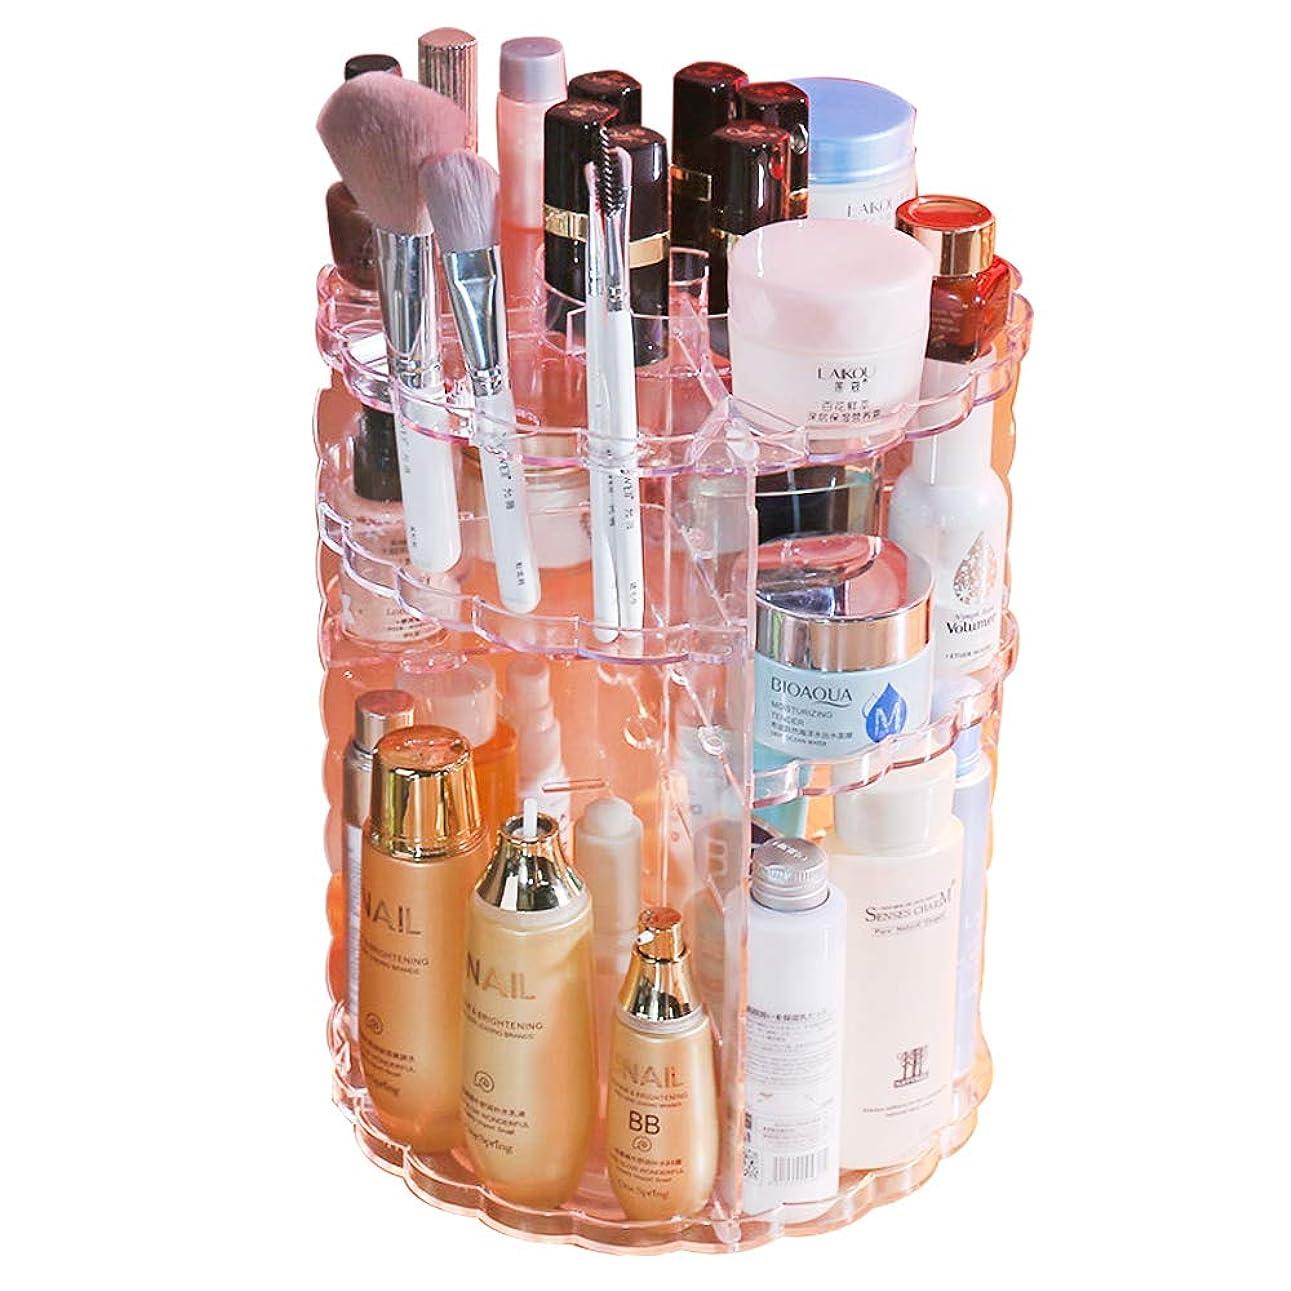 植生画家腐敗したOKLIFE コスメボックス 化粧品 コスメ 収納 360度回転式 透明アクリル メイクボックス